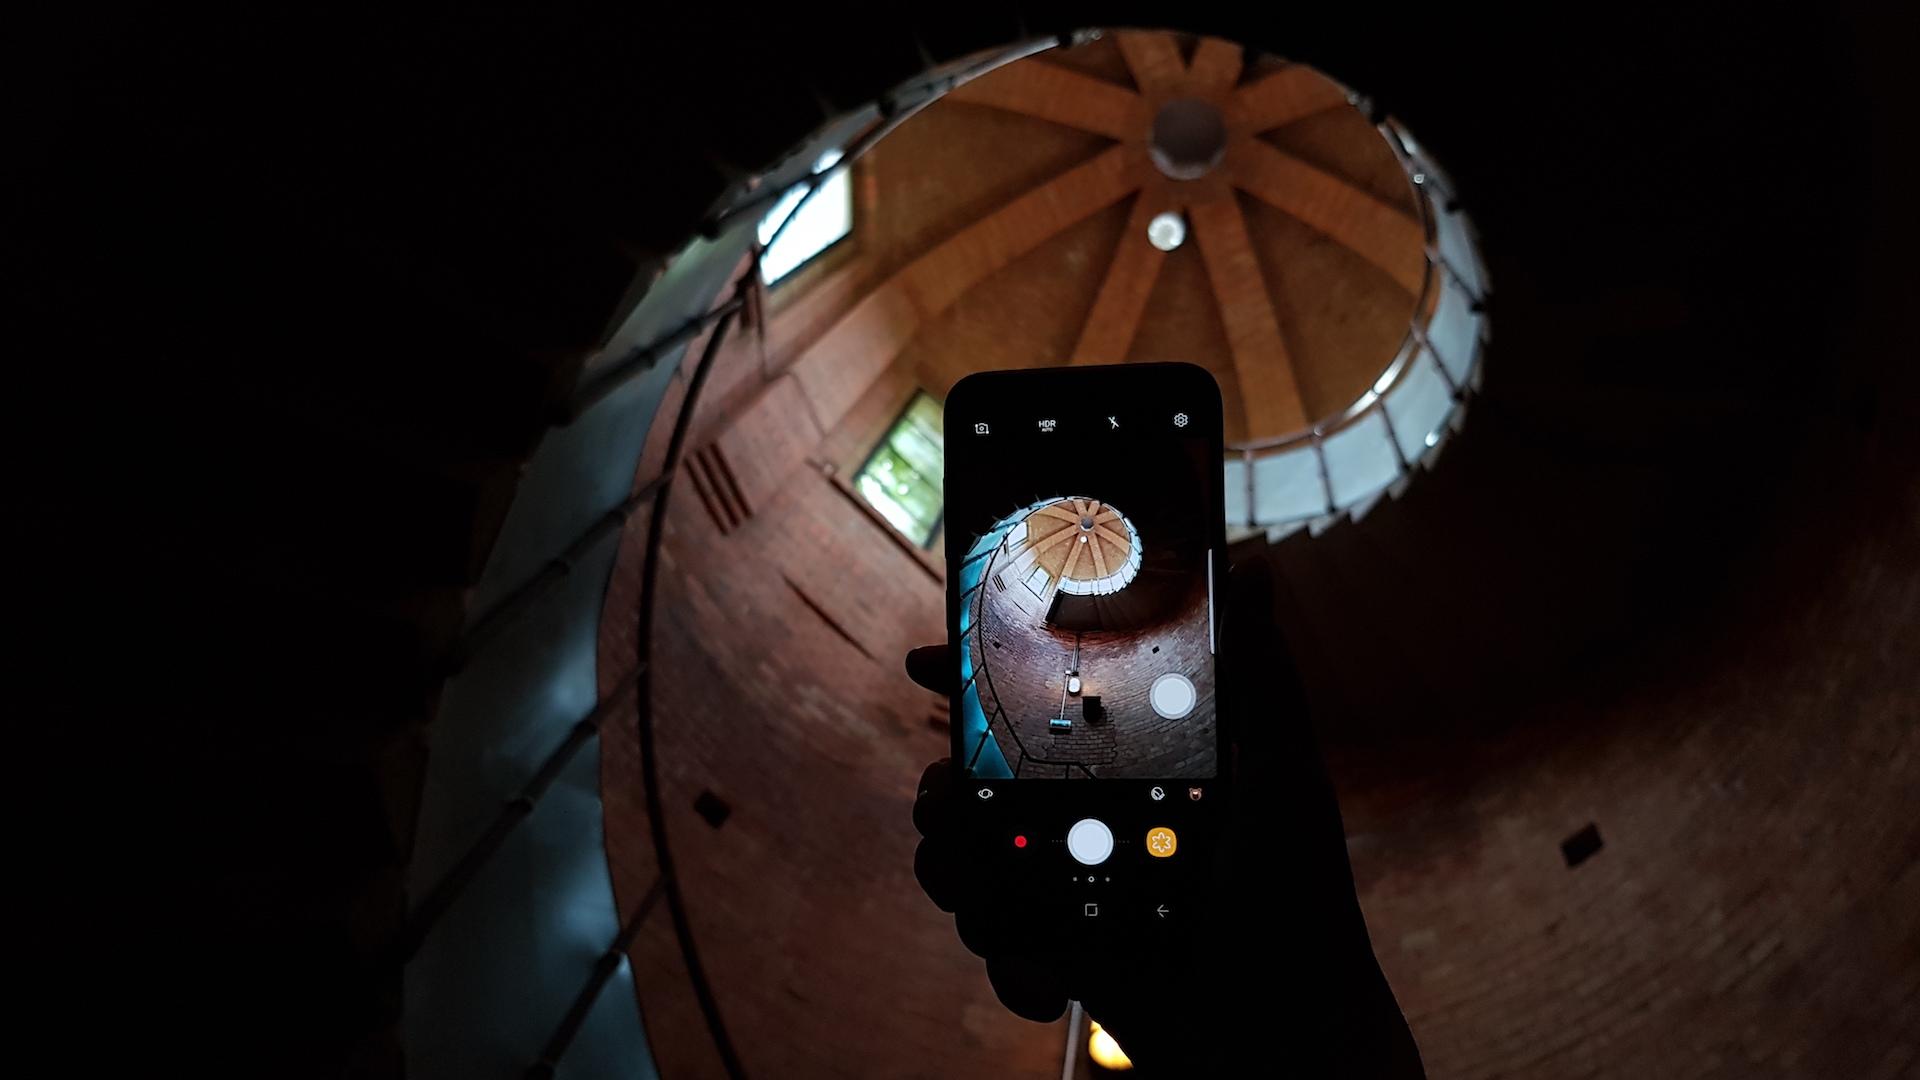 der gute g nstige einstieg in die android welt lg gt540 optimus im test. Black Bedroom Furniture Sets. Home Design Ideas